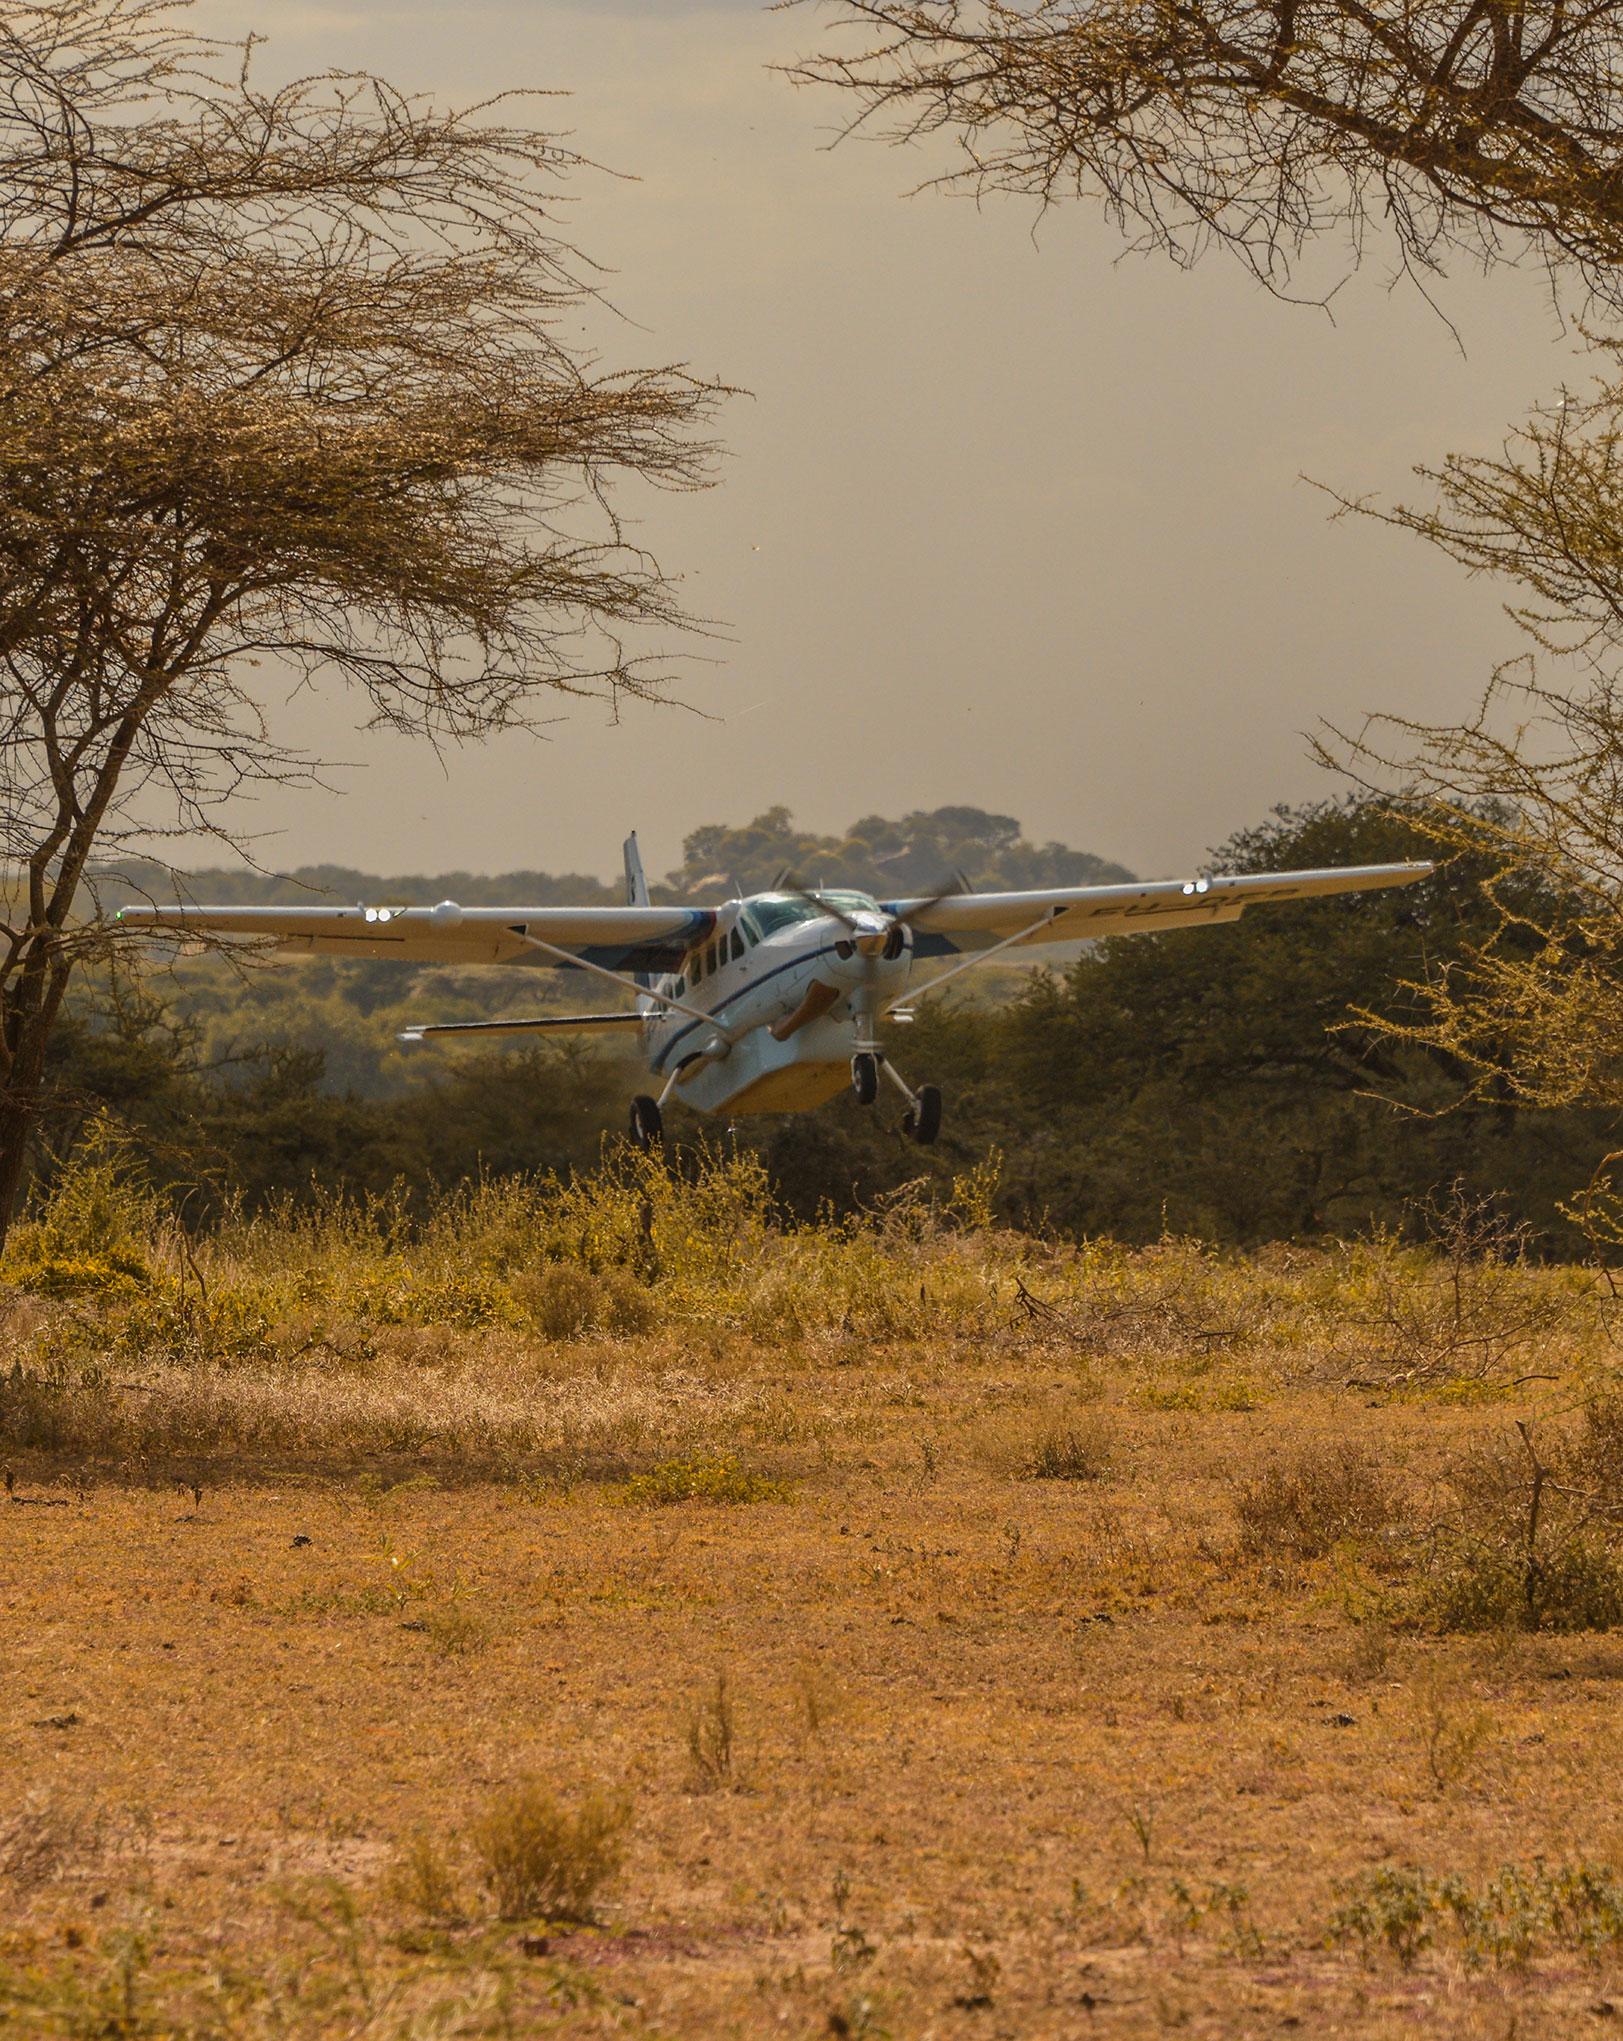 A Caravan landing at Ubuntu airstrip in Tanzania